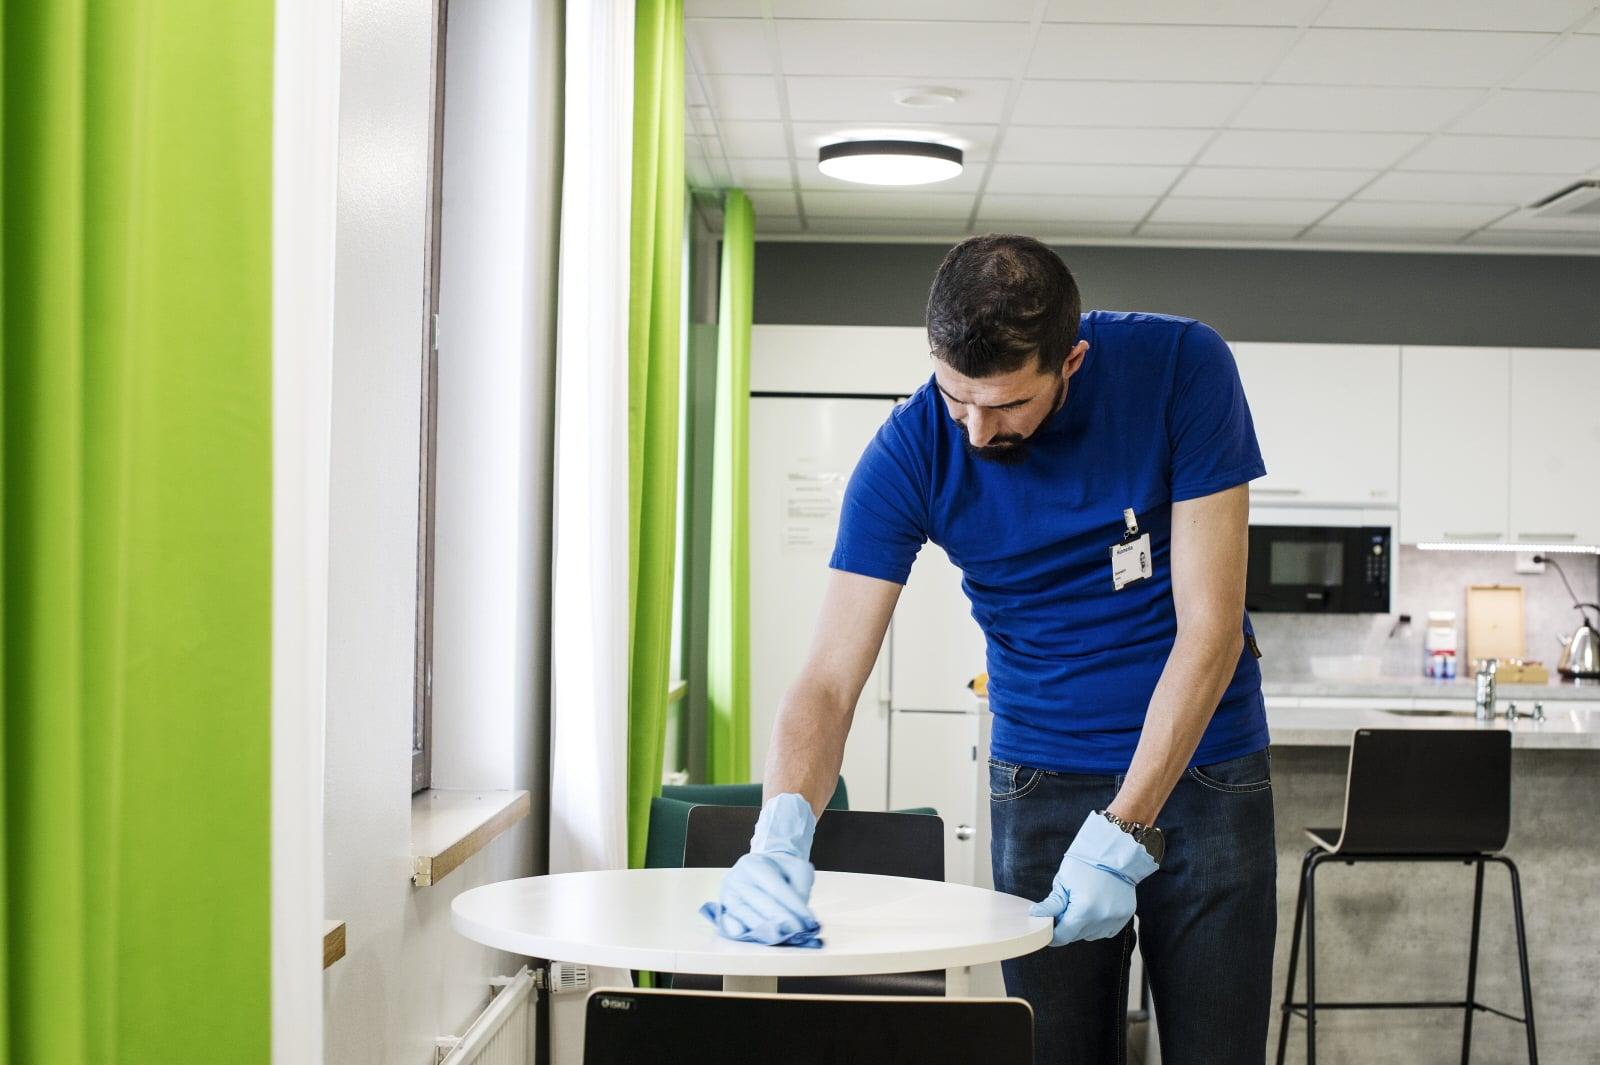 Siivooja puhdistamassa pöytää